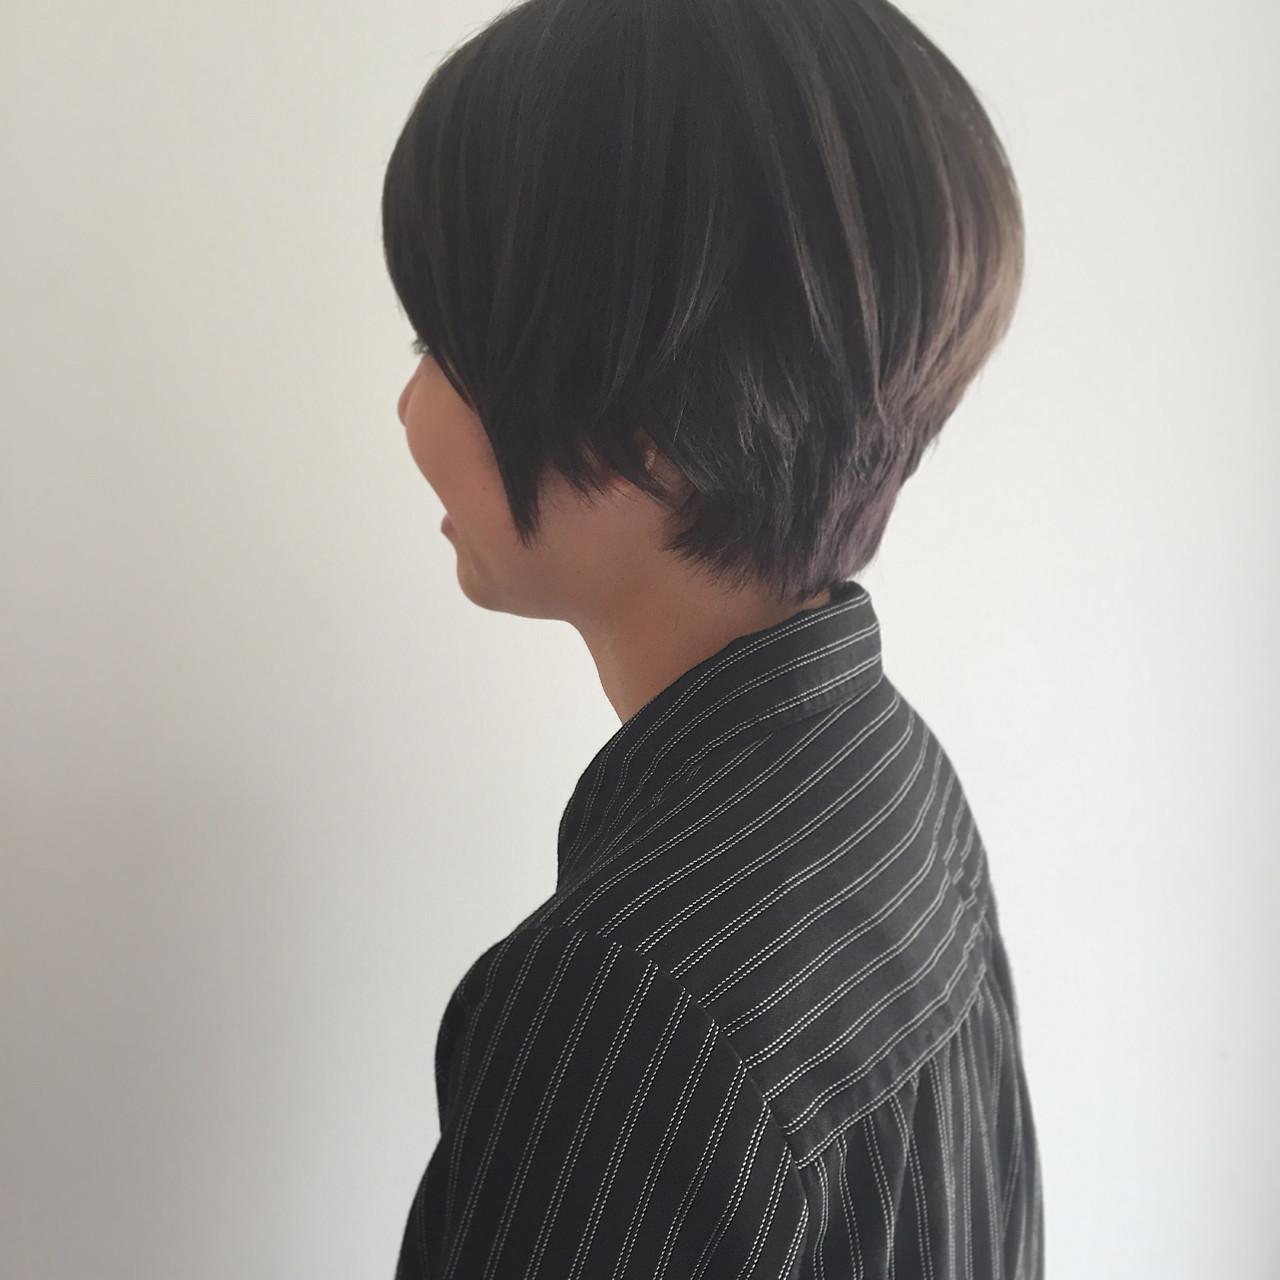 ネイビーアッシュ グレージュ 暗髪 ナチュラル ヘアスタイルや髪型の写真・画像 | 北口 和樹 / えいじぇんぬ